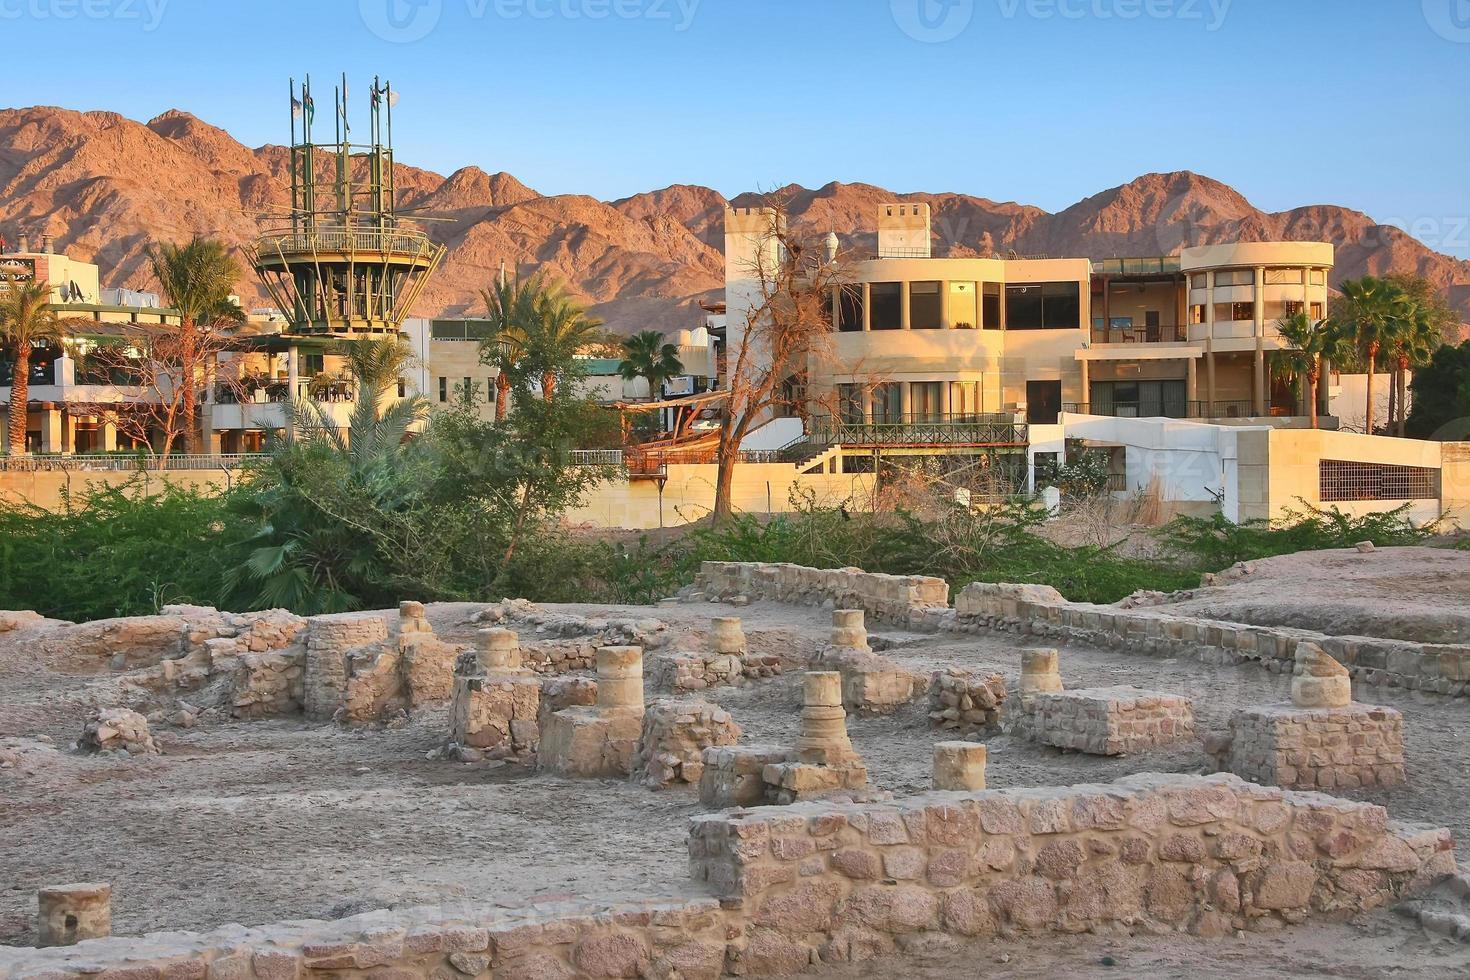 sítio arqueológico de Ayla em Aqaba, Jordânia foto